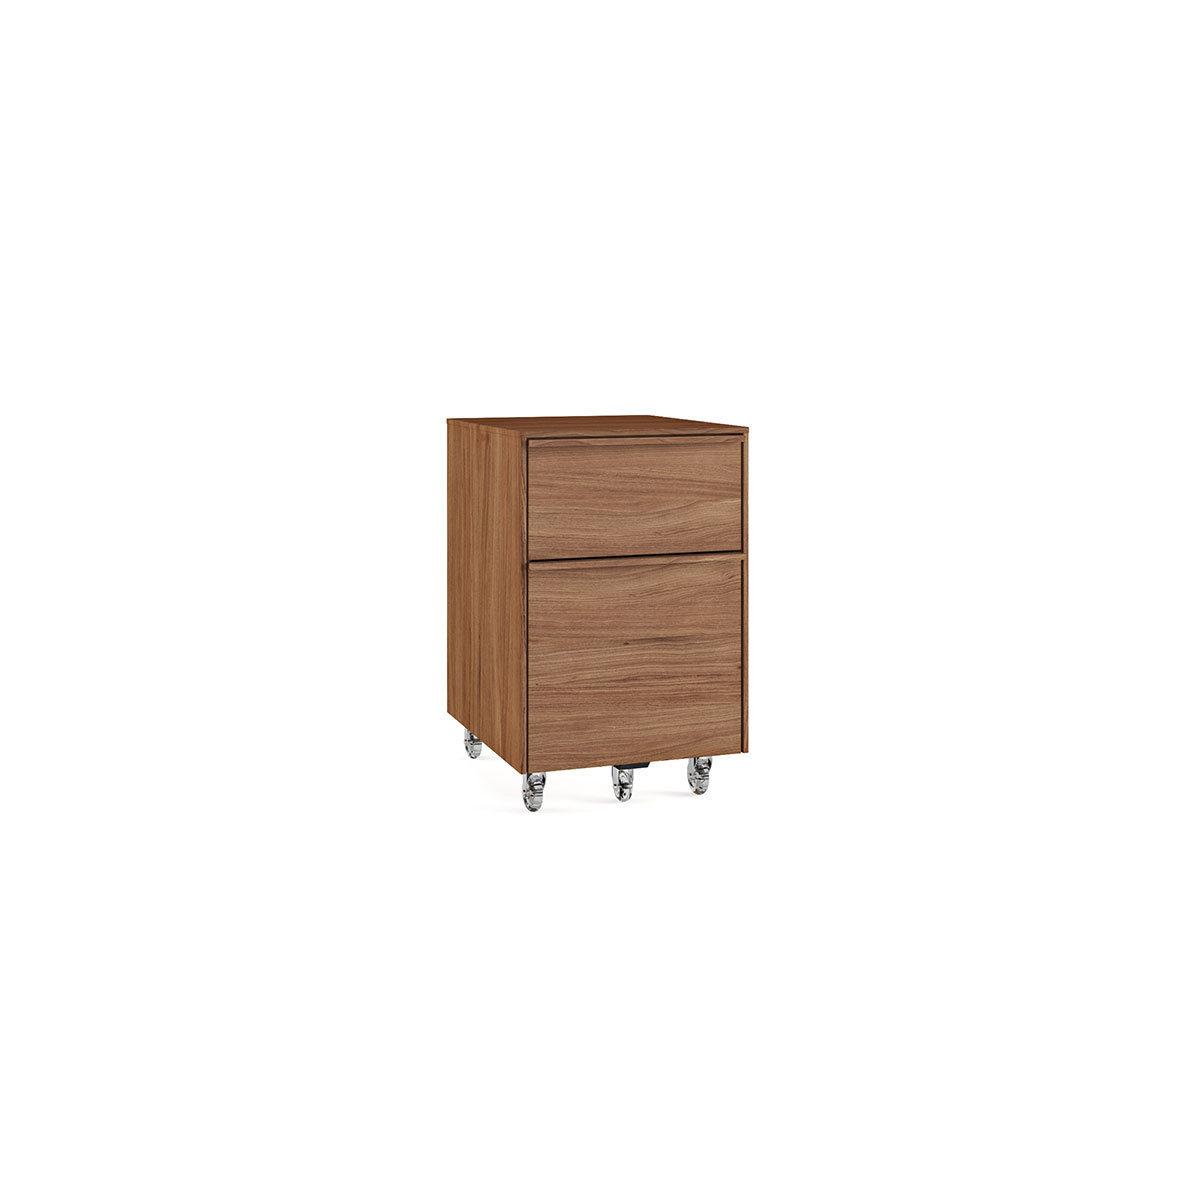 Cascadia 6207 Mobile File Pedestal. Natural Walnut